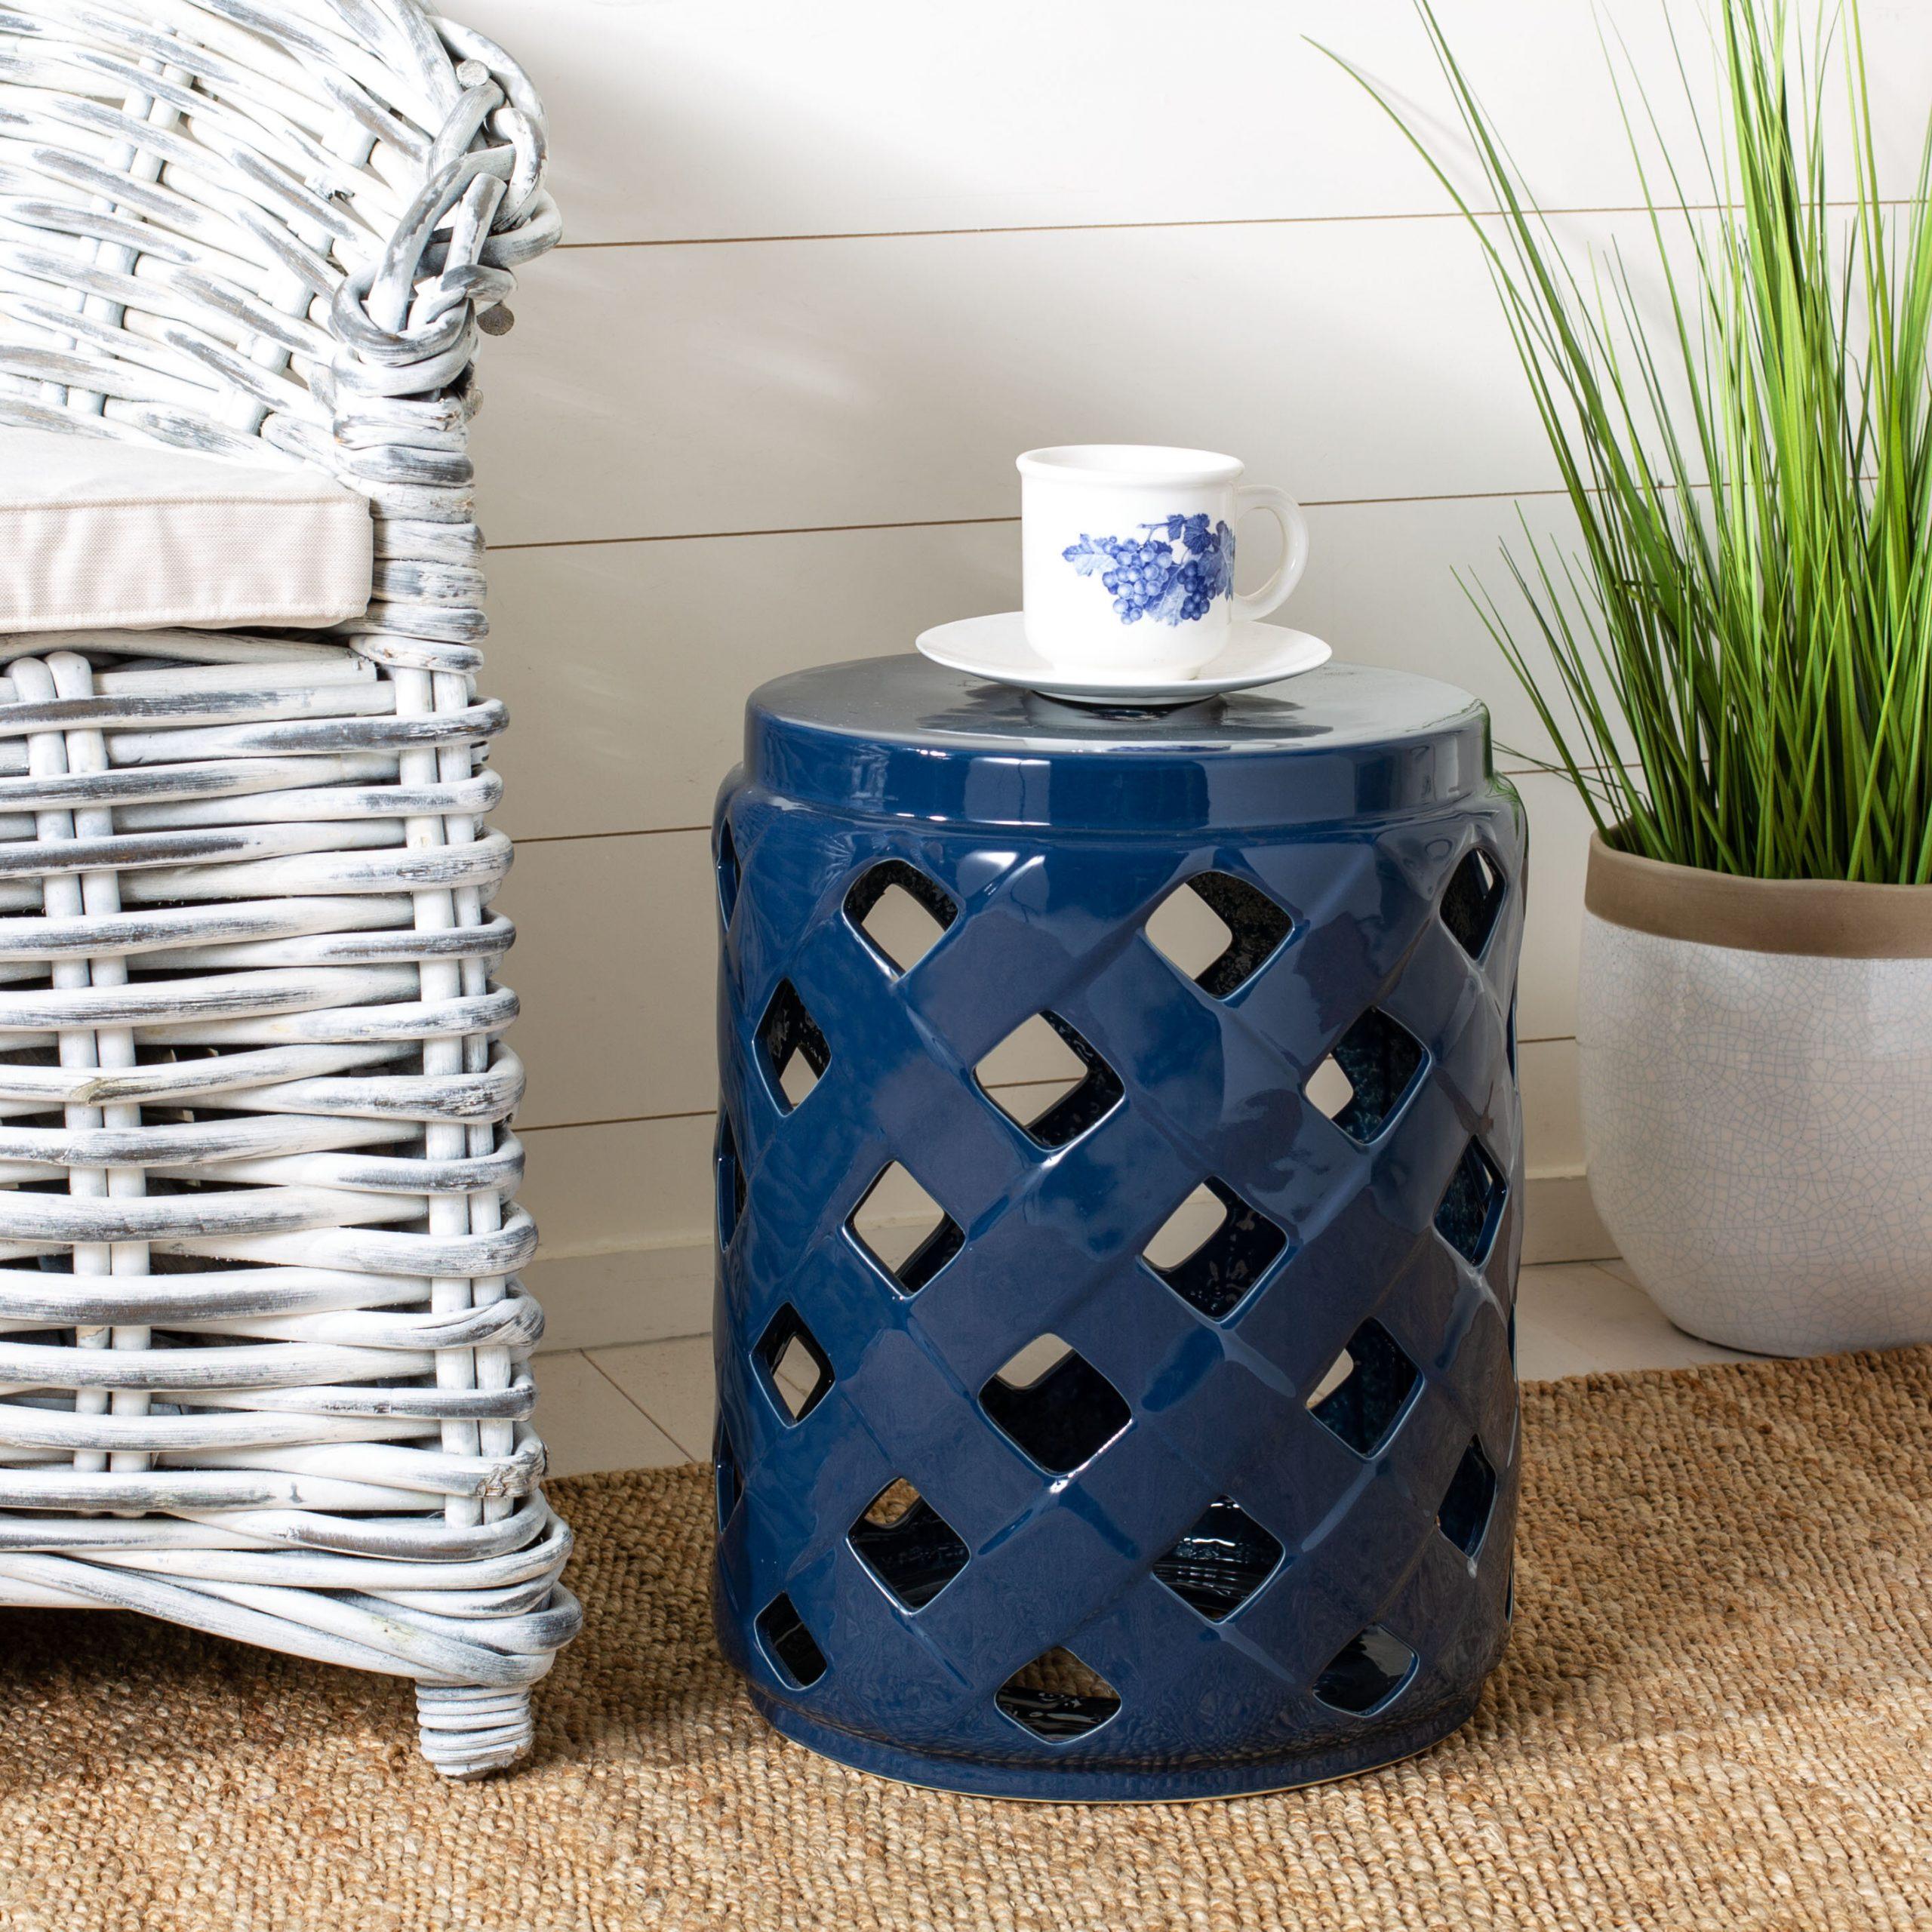 Garden Stools   Wayfair Intended For Bonville Ceramic Garden Stools (View 18 of 25)